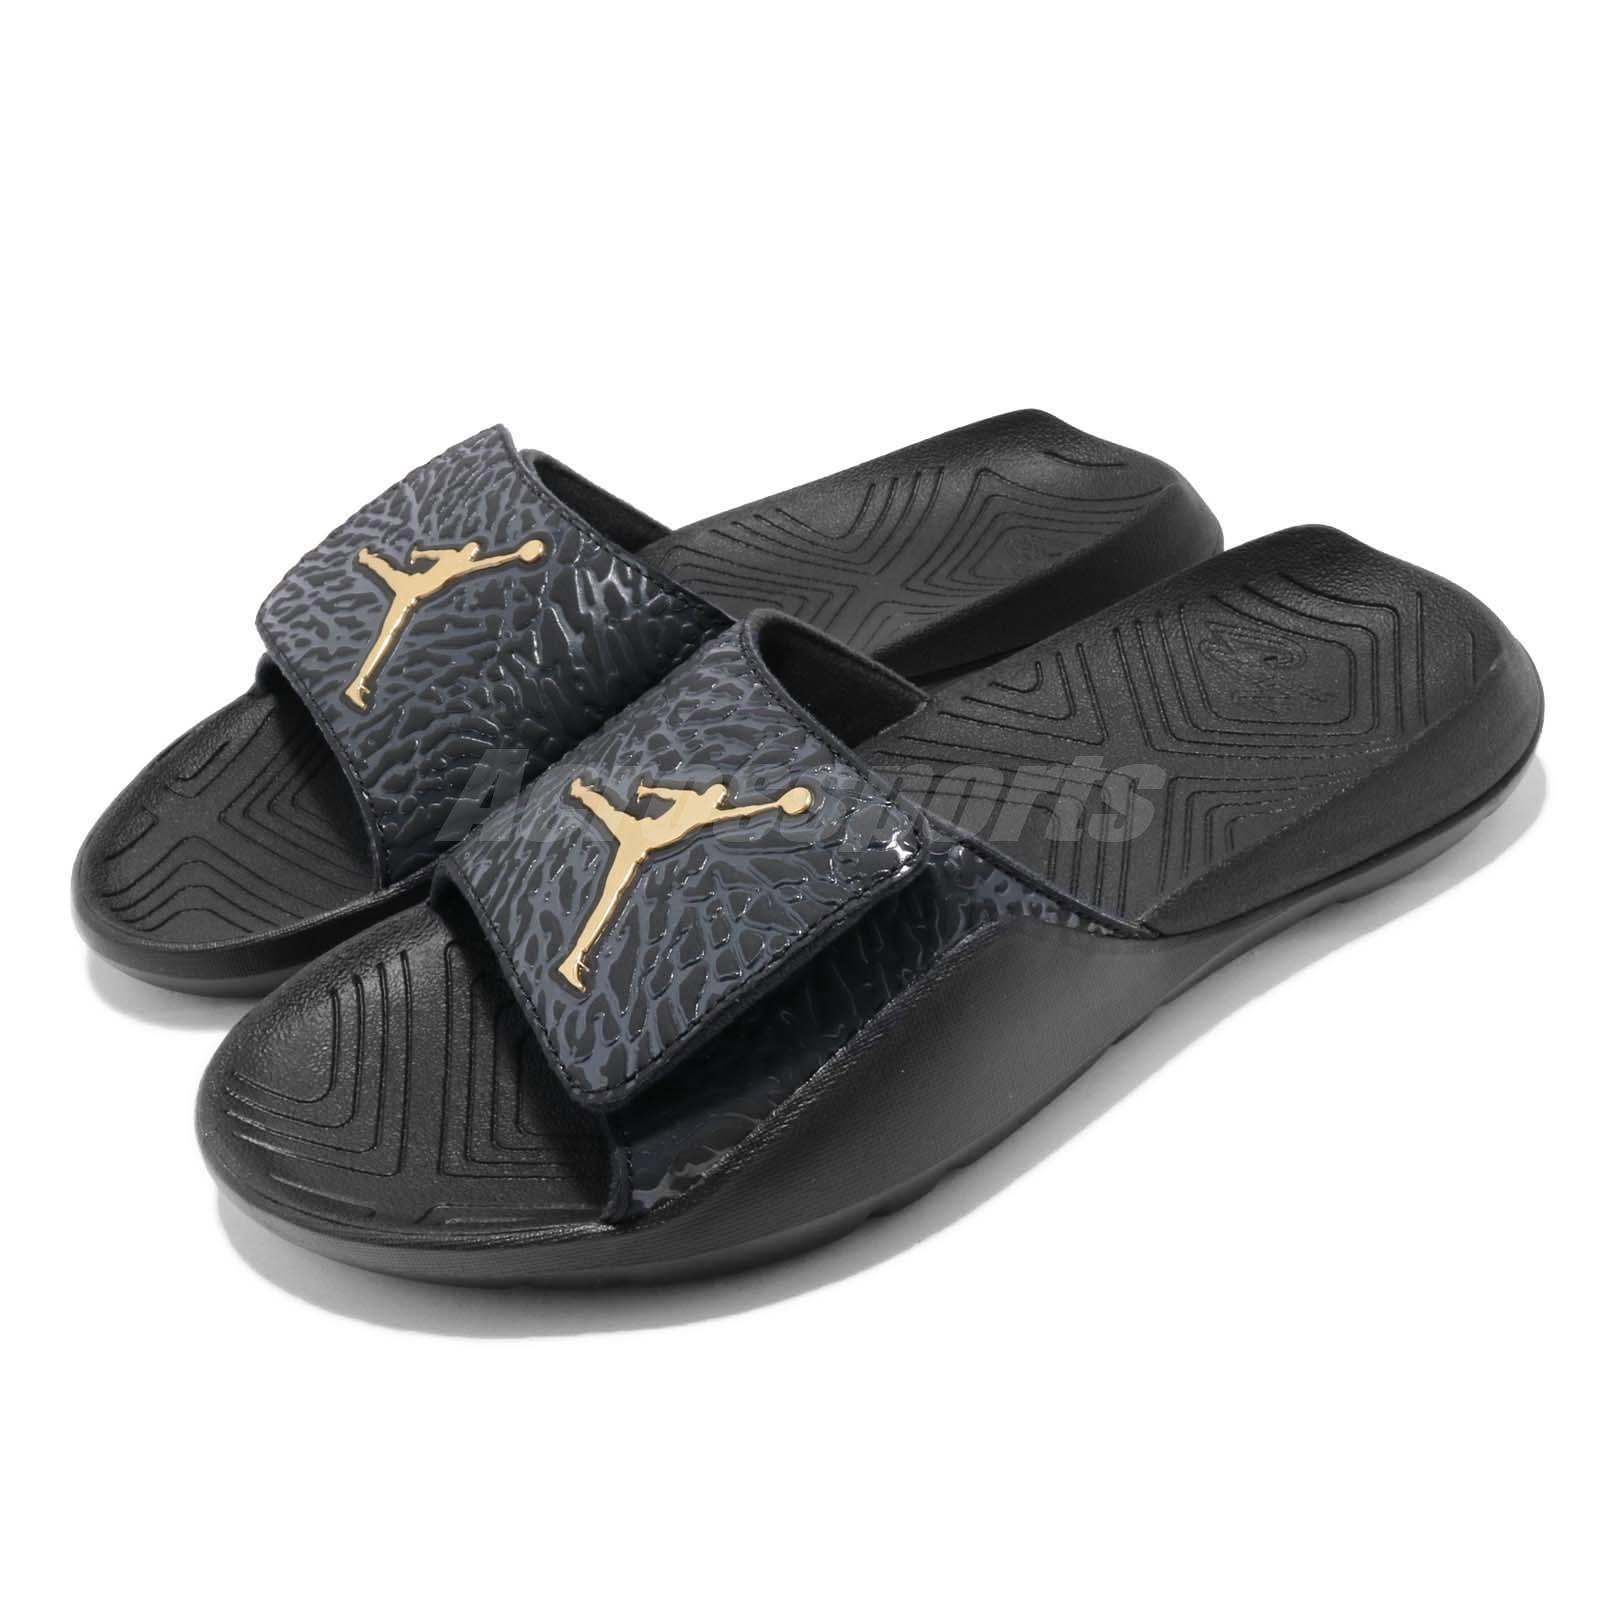 8645a7fb6159 Details about Nike Jordan Hydro 7 V2 Black Gold Men Sports Sandals Slides  Slippers BQ6290-007